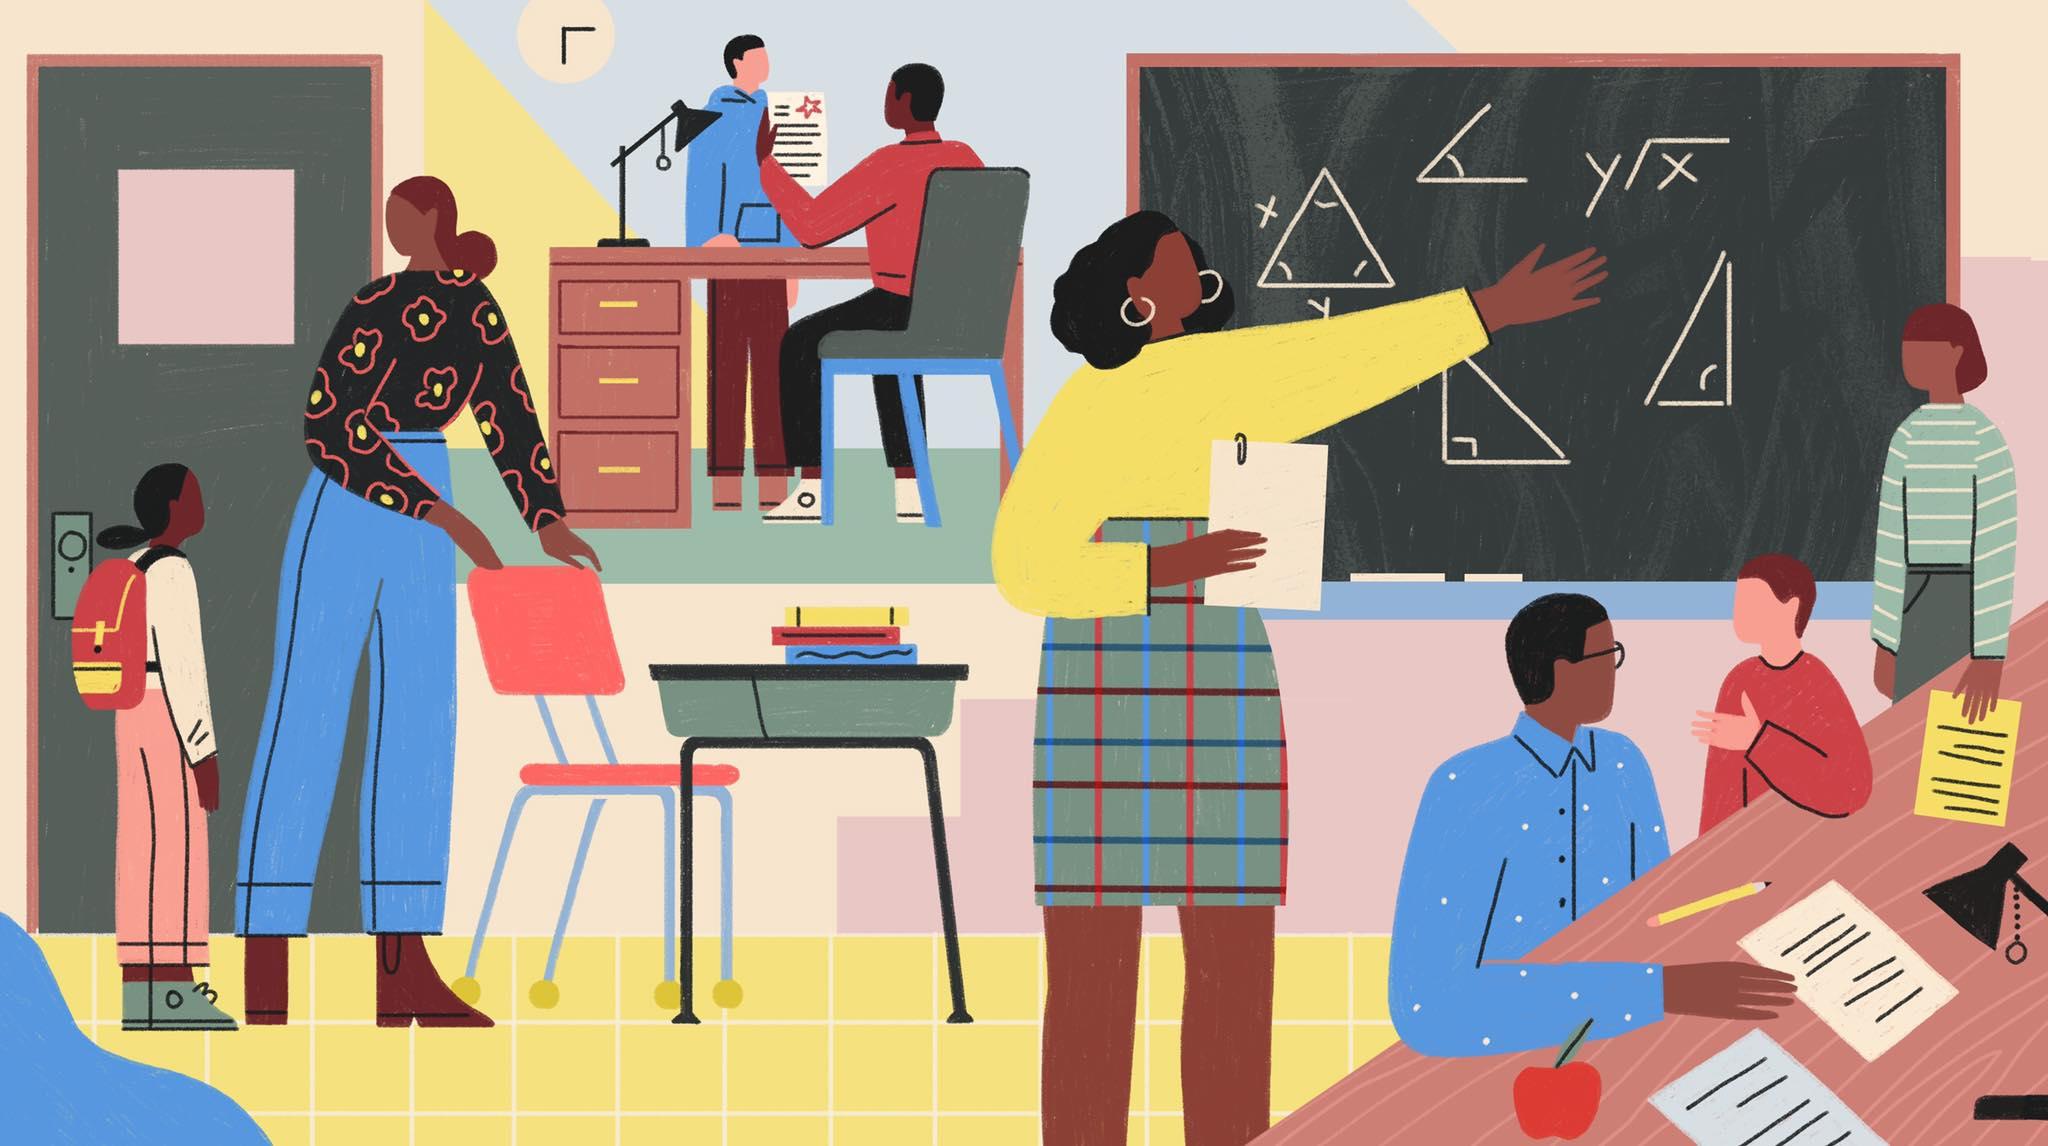 مطلوب معلمين لعدة تخصصات لجميع المراحل في مدرسة خاصة في عمان